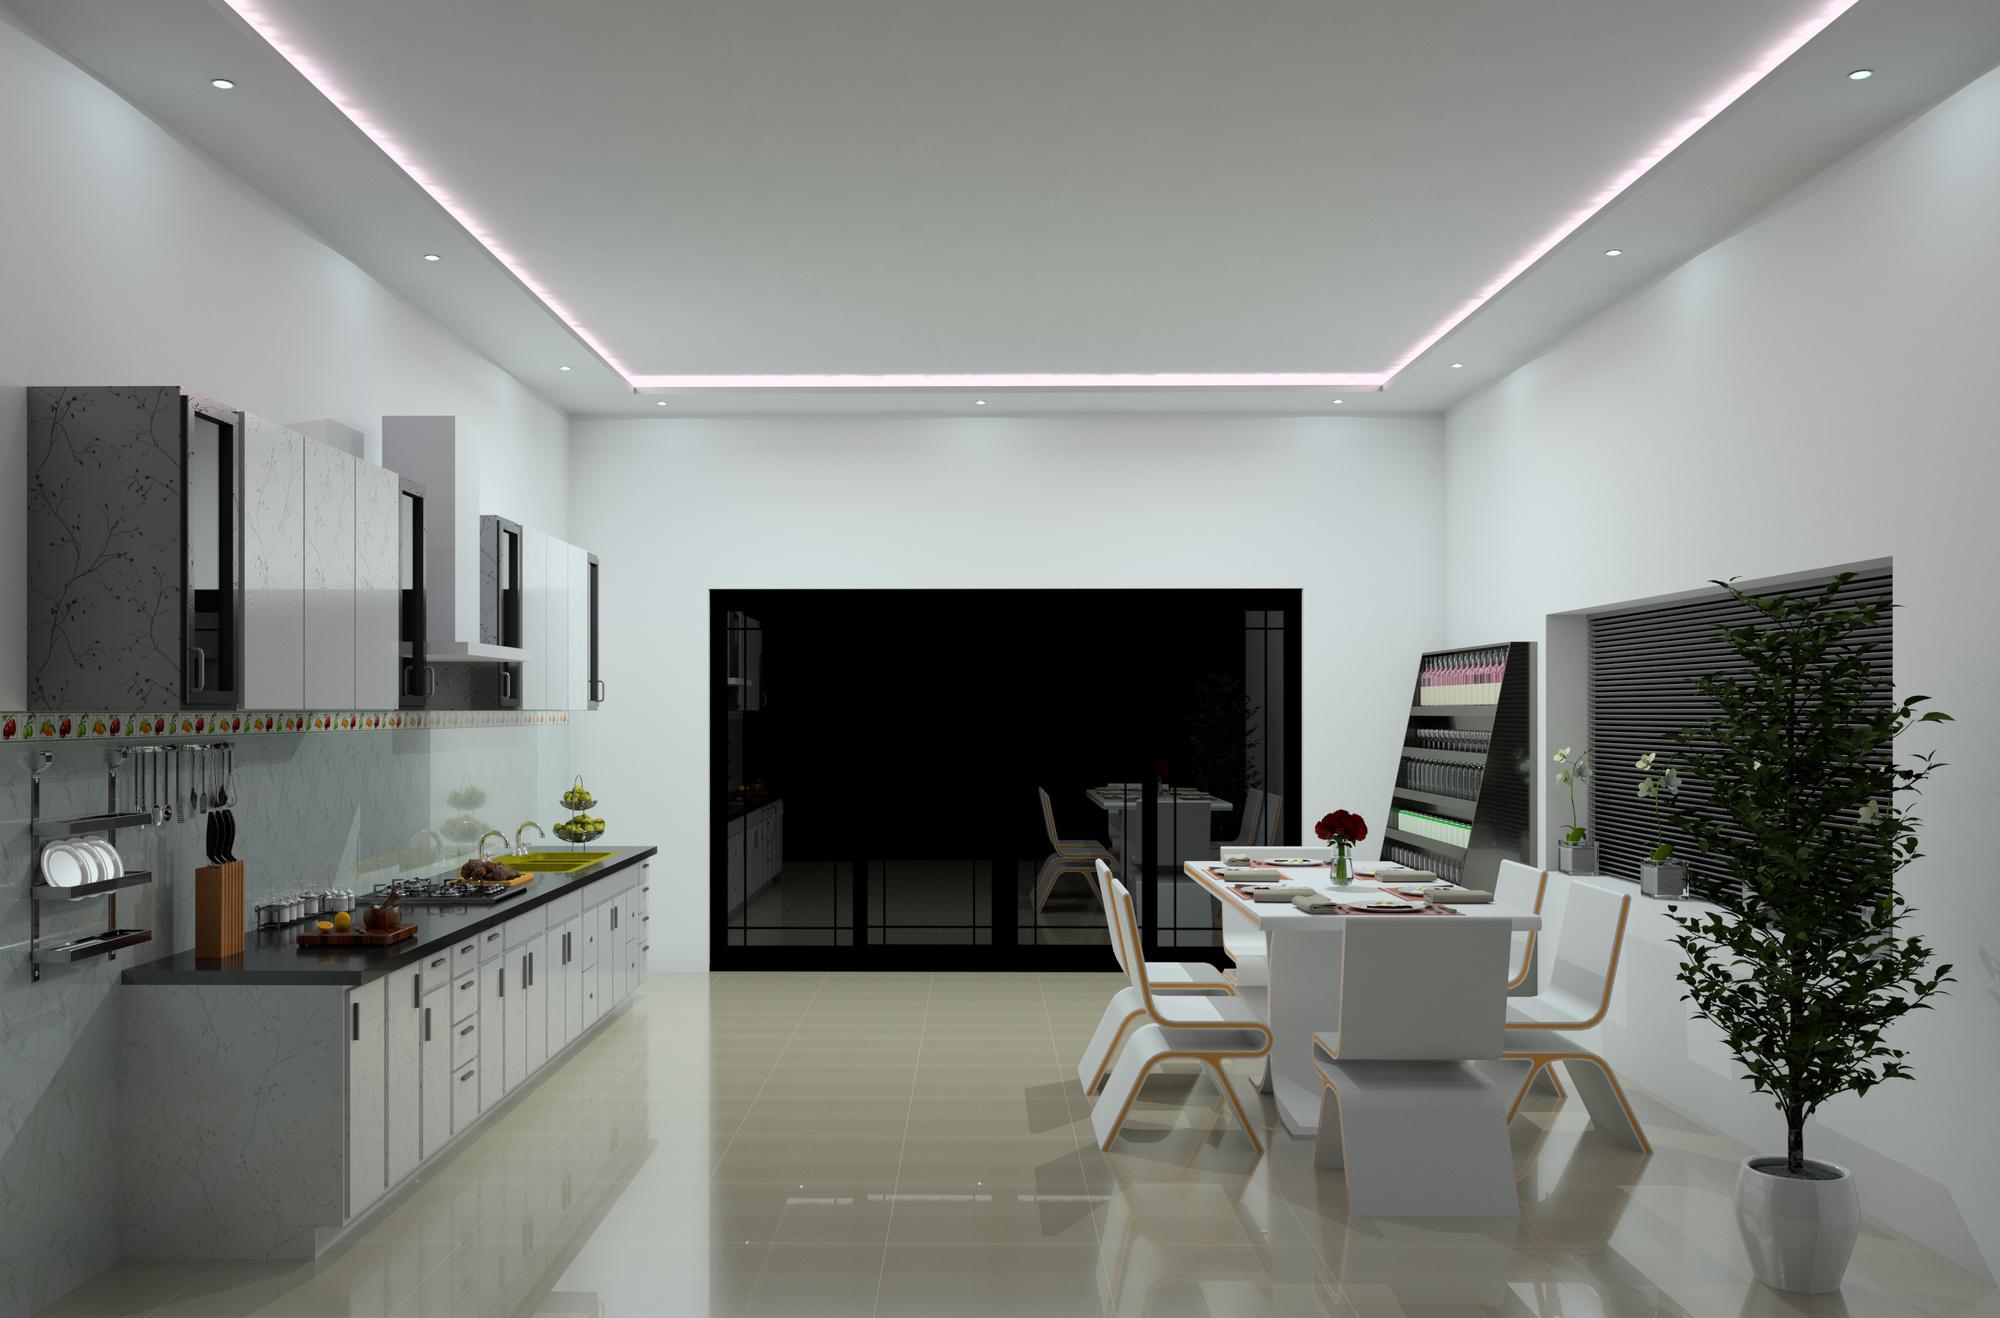 Raas-rendering20150630-8697-1jx8n0l